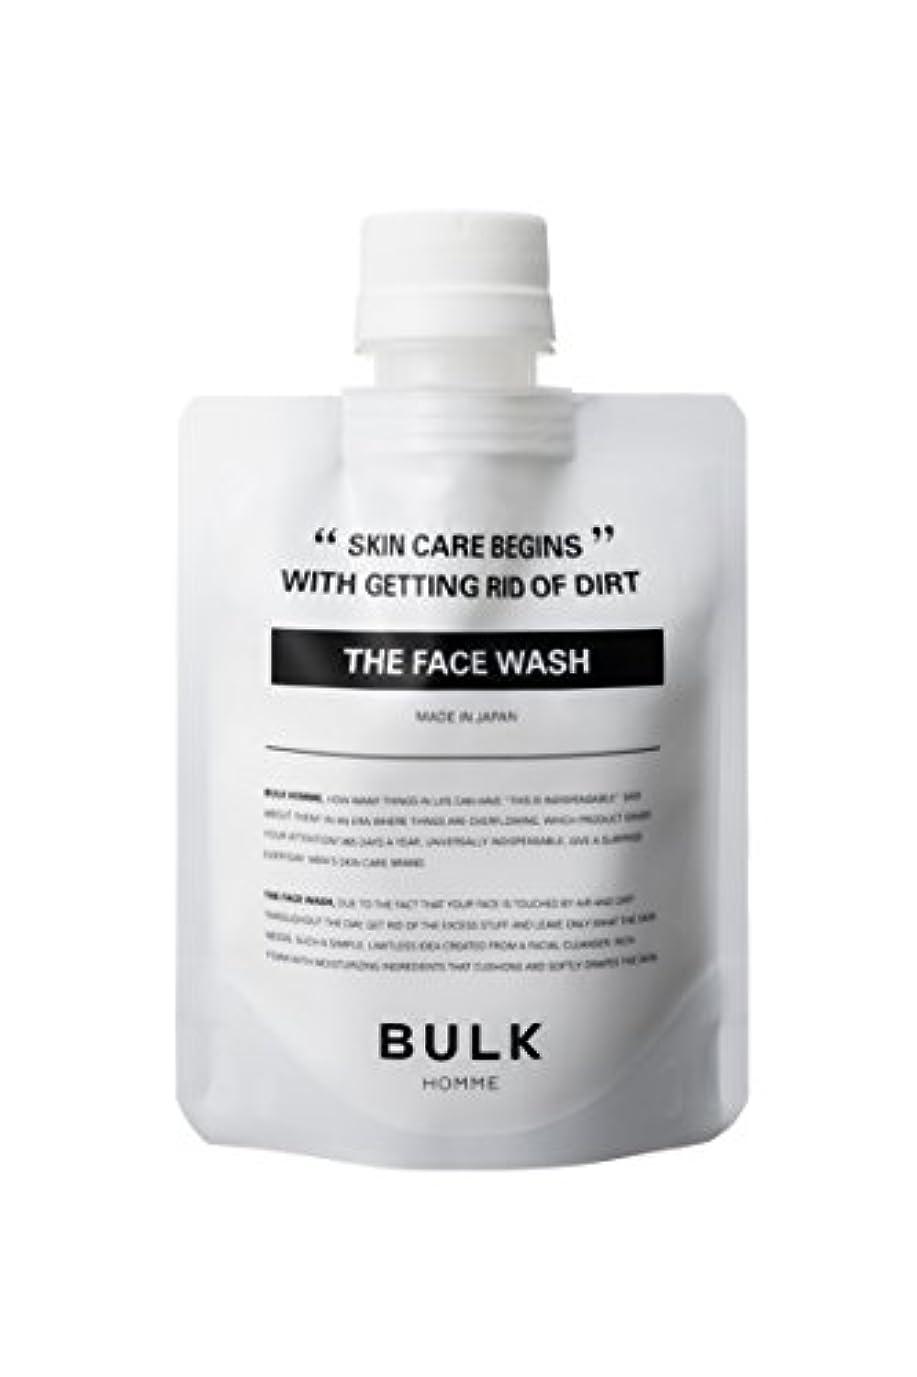 引き渡すデジタルエジプトBULK HOMME THE FACE WASH 洗顔料 100g